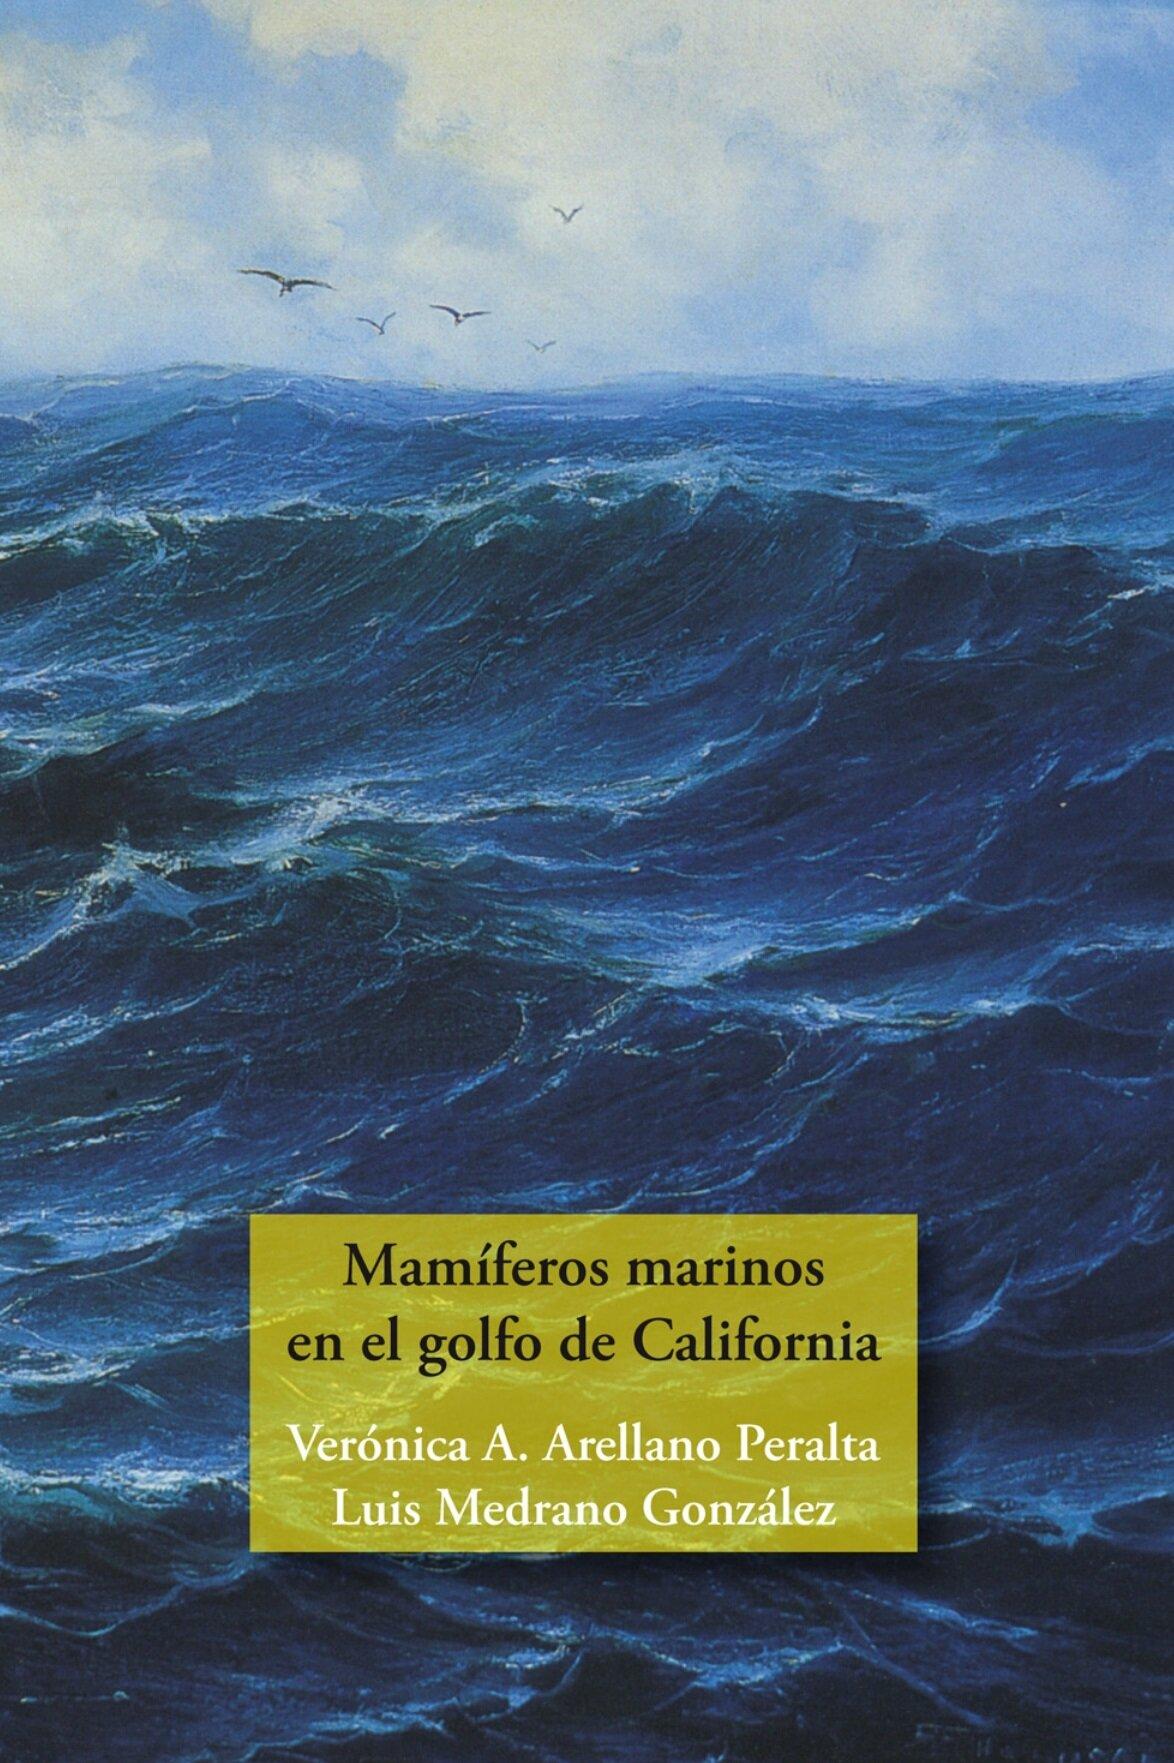 Mamíferos marinos en el Golfo de California Microecología, impacto humano y sus perspectiva hacia la conservación